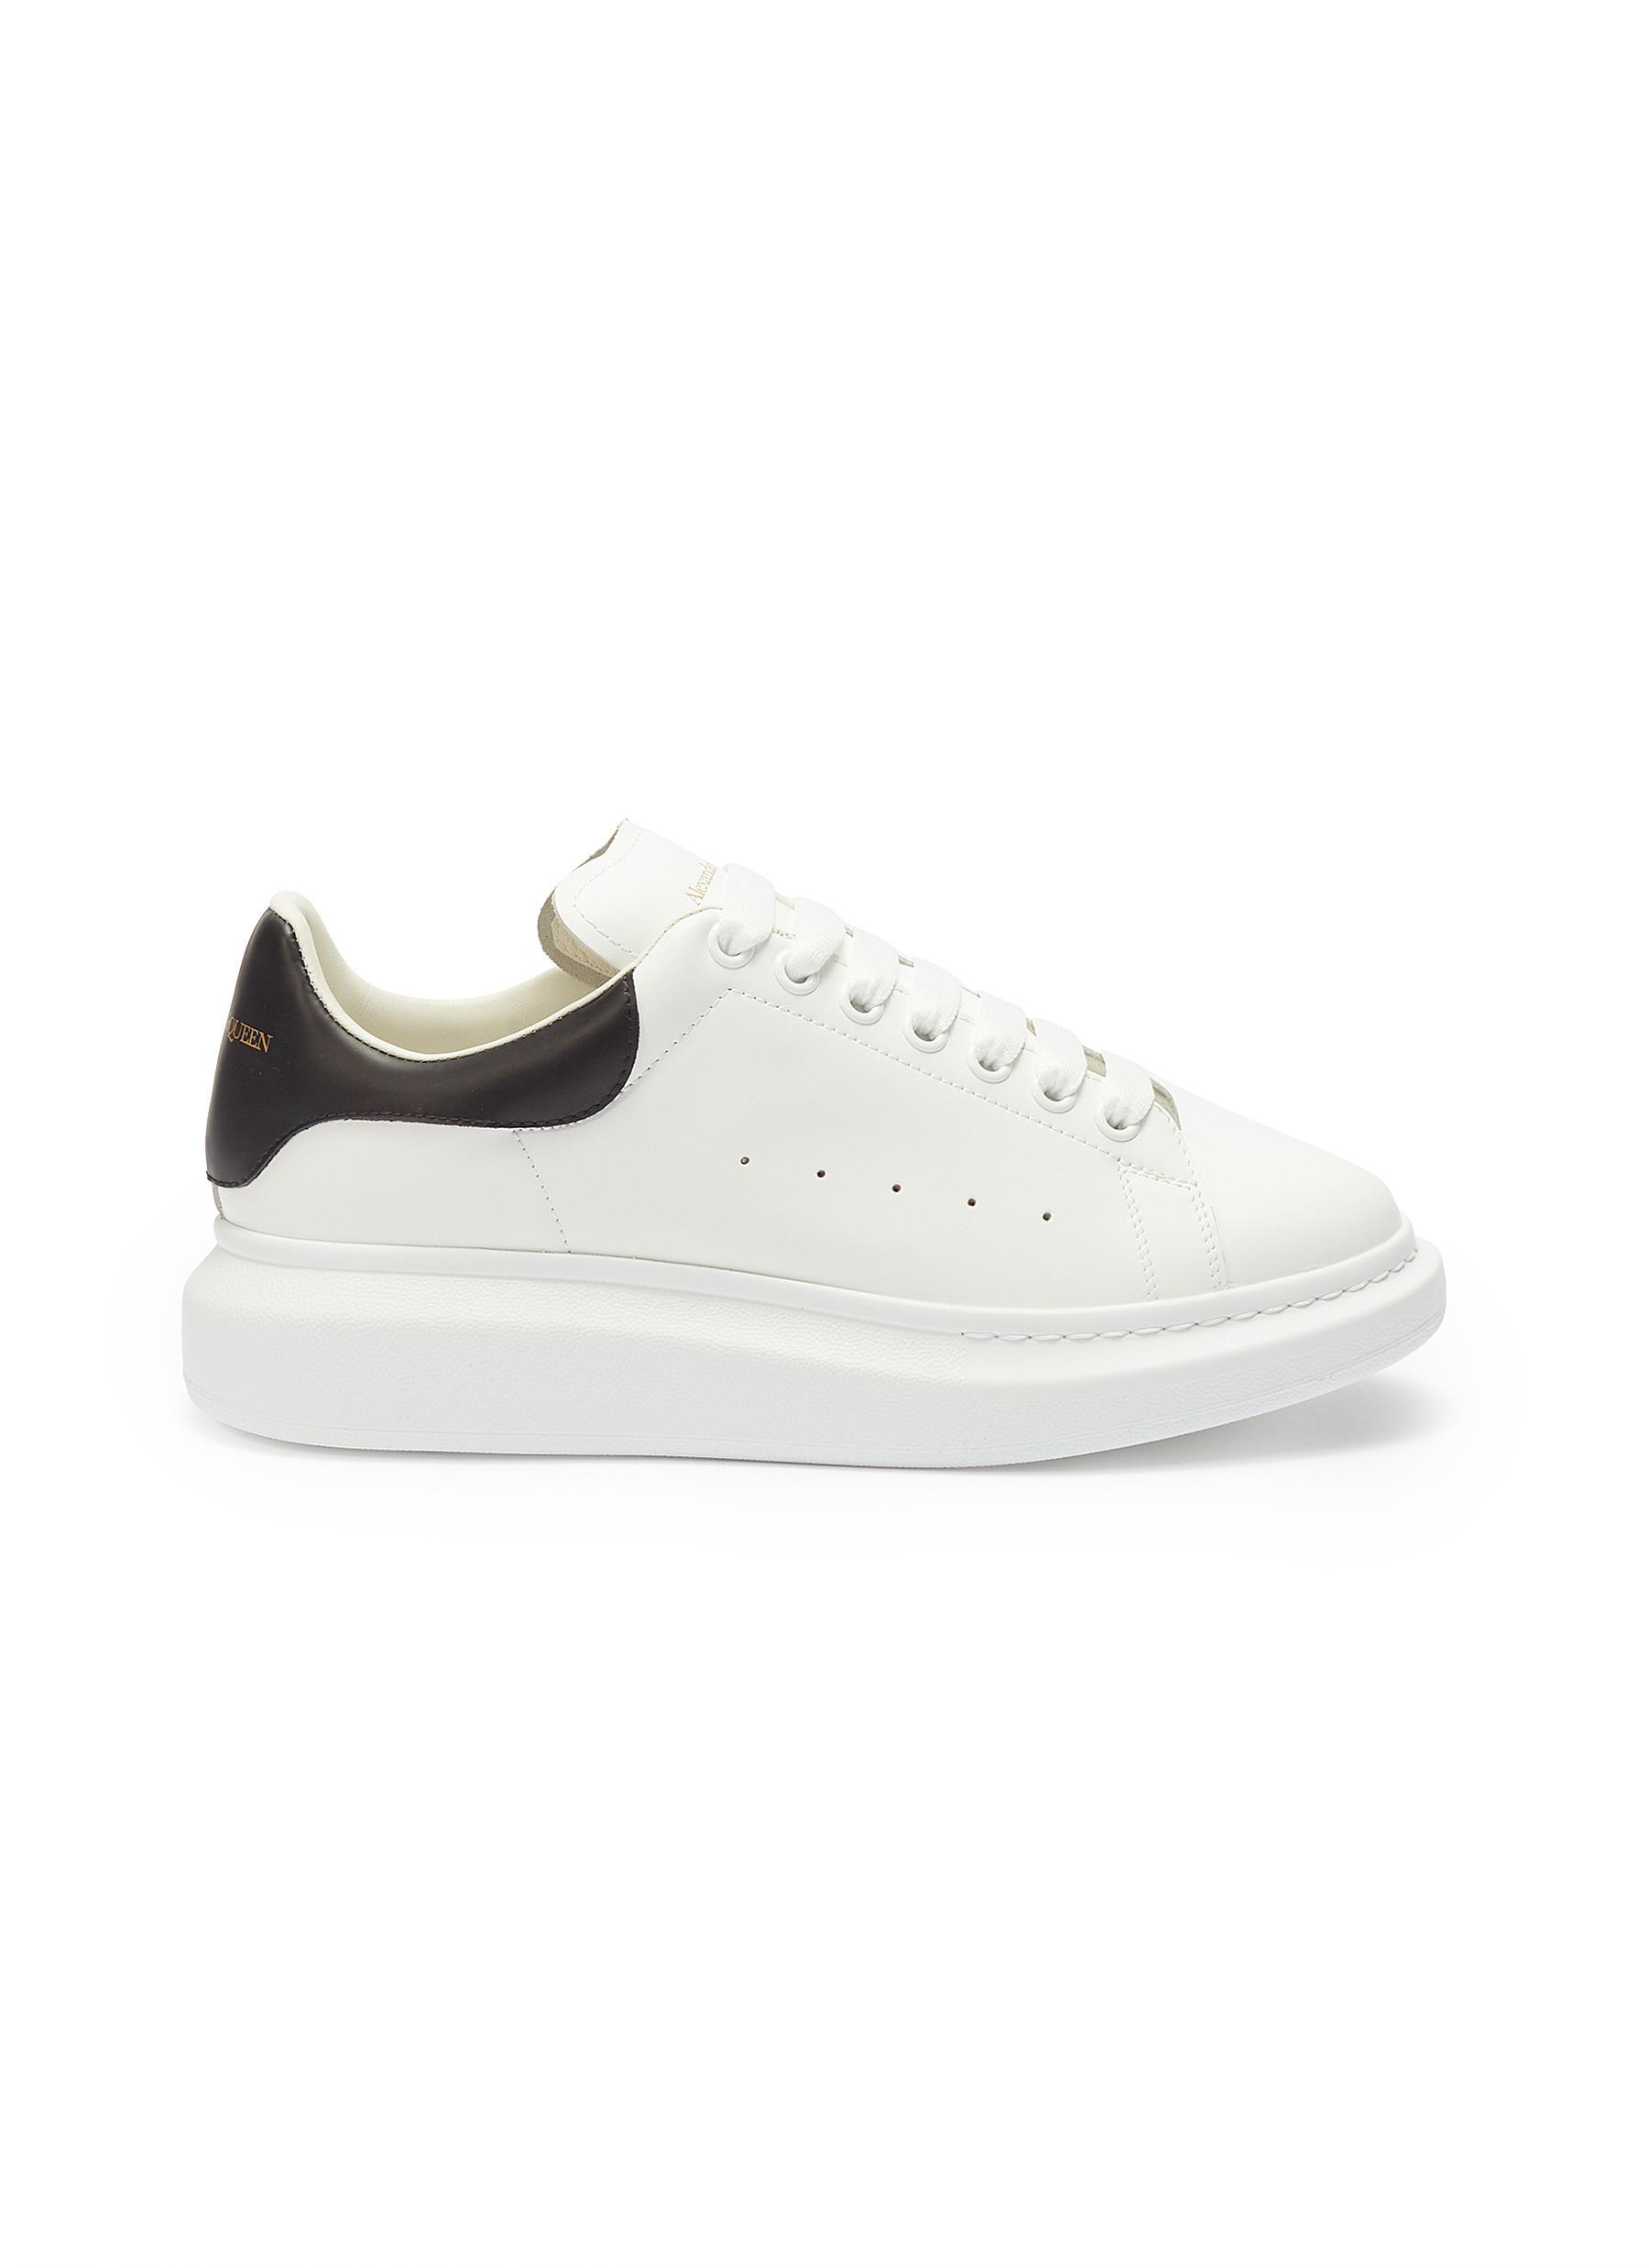 ALEXANDER MCQUEEN | 'Oversized Sneaker